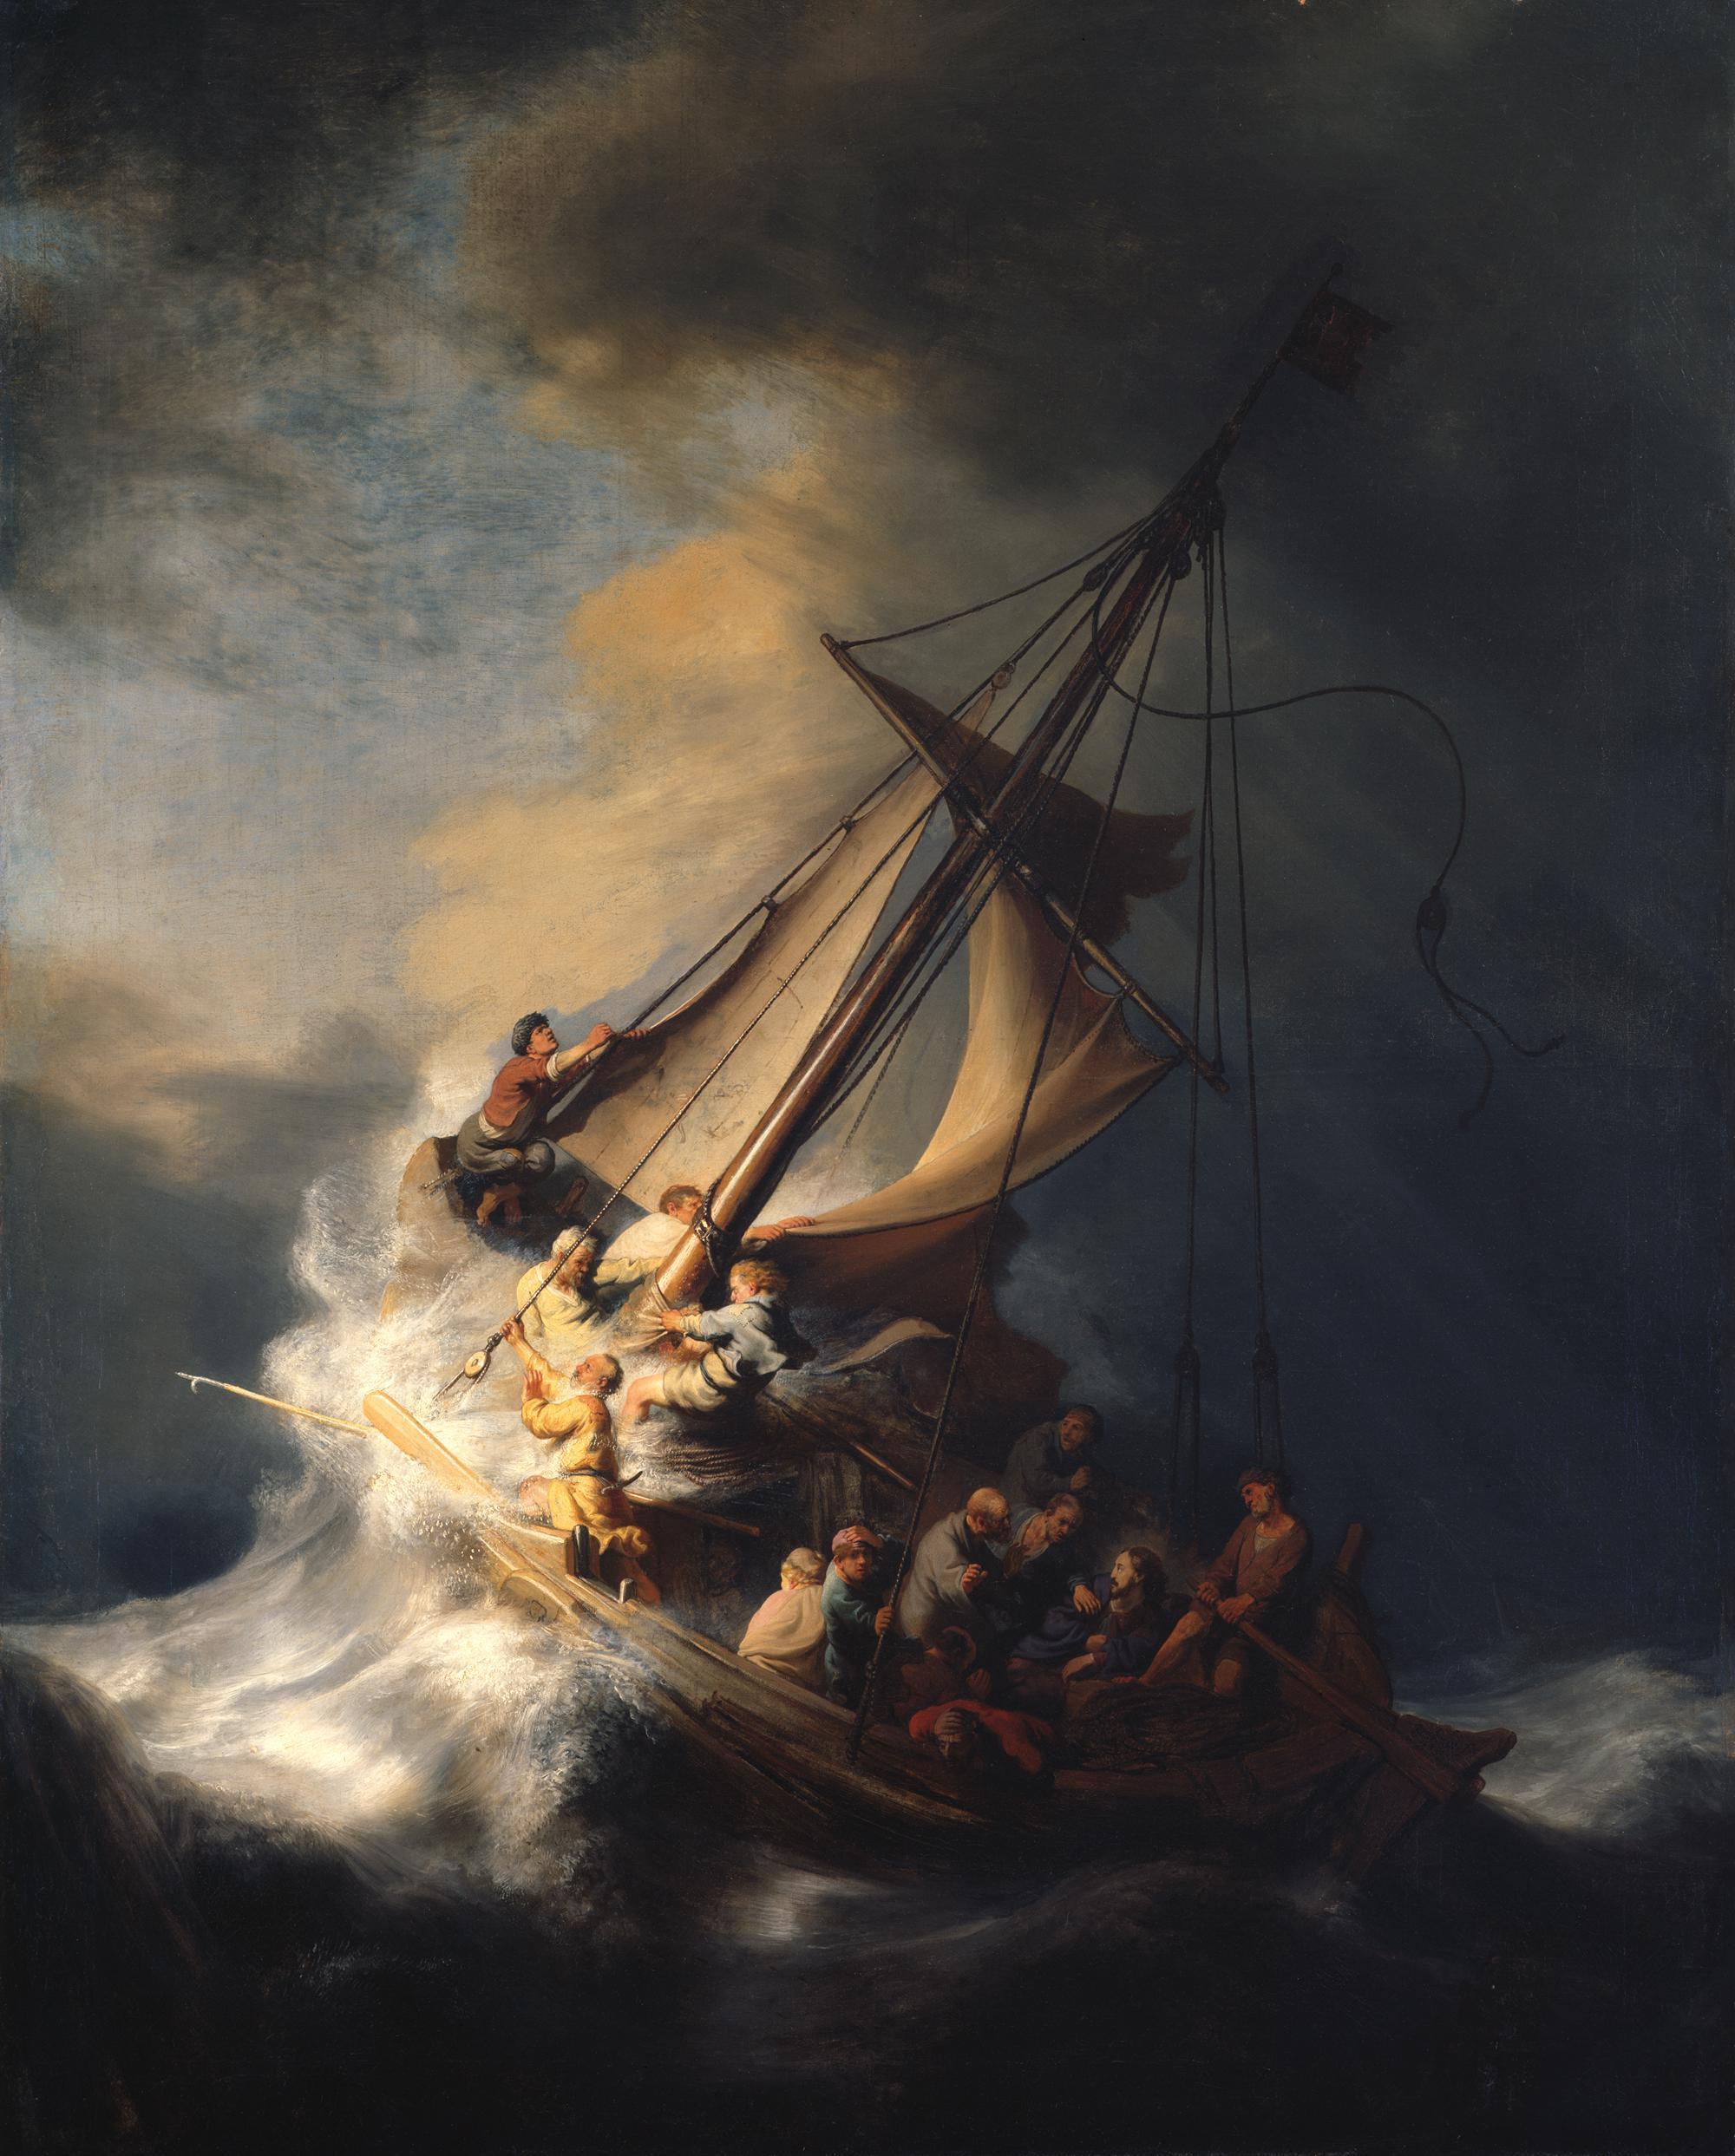 Ο πίνακας του Ρέμπραντ «Ο Χριστός στη θύελλα της θάλασσας της Γαλιλαίας», Πηγή: Isabella Stewart Gardner Museum